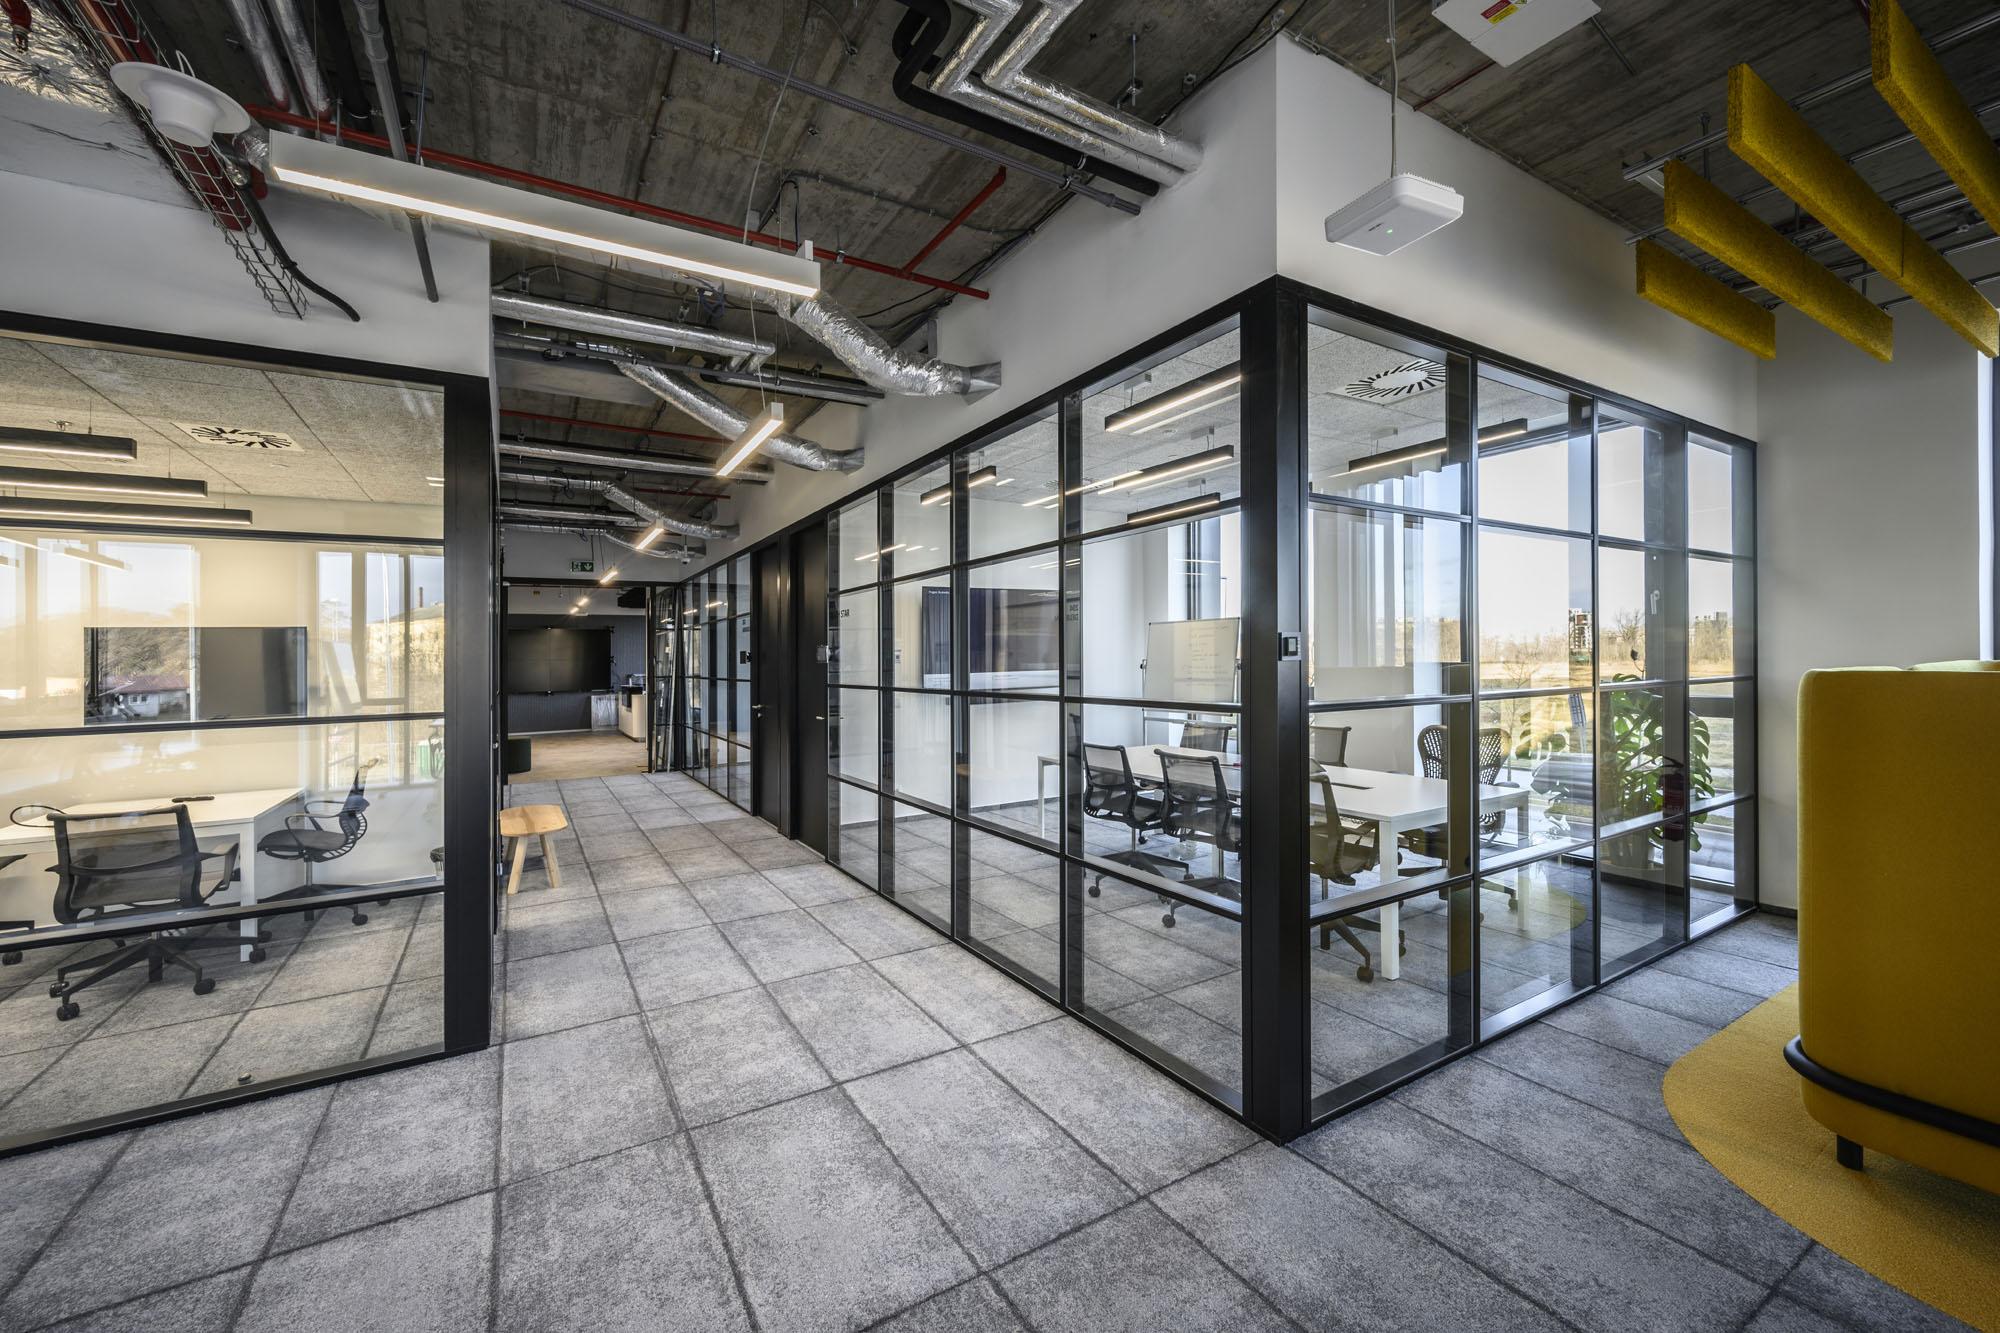 Büroräume mit Reminiszenz an das Industriezeitalter